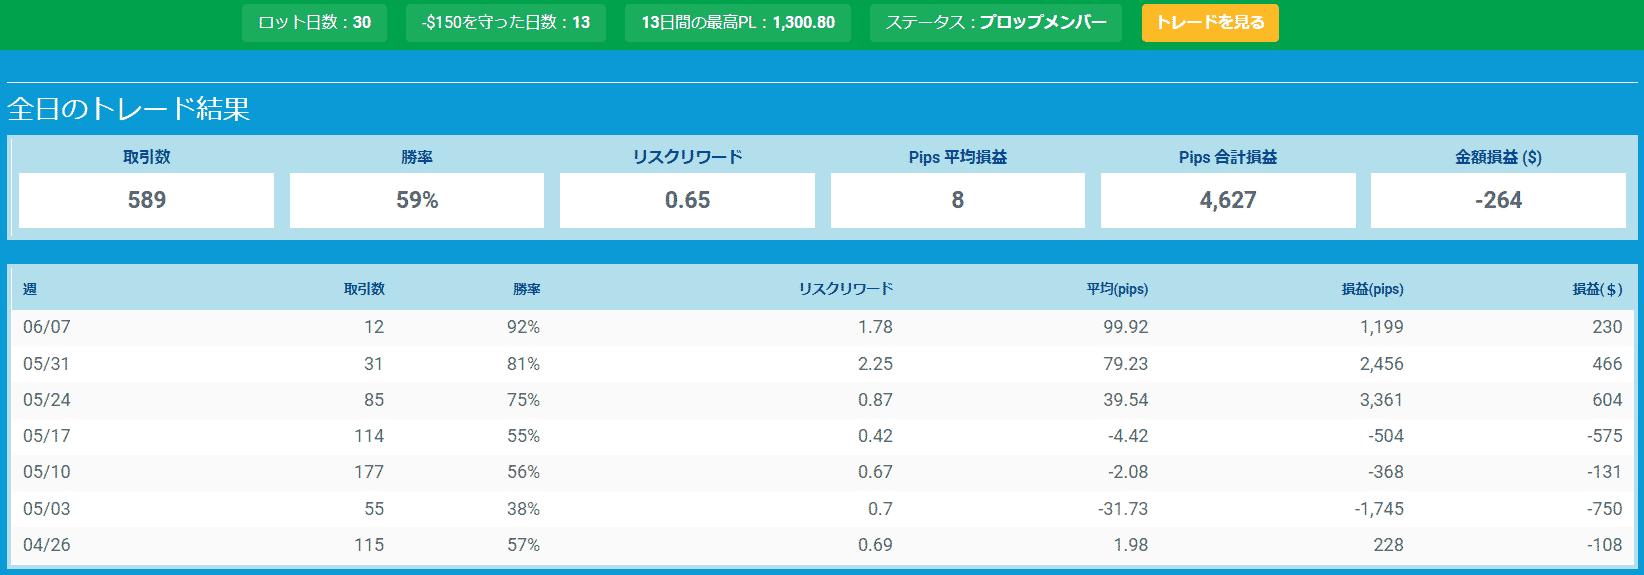 プロップトレーダーチャートKazu3